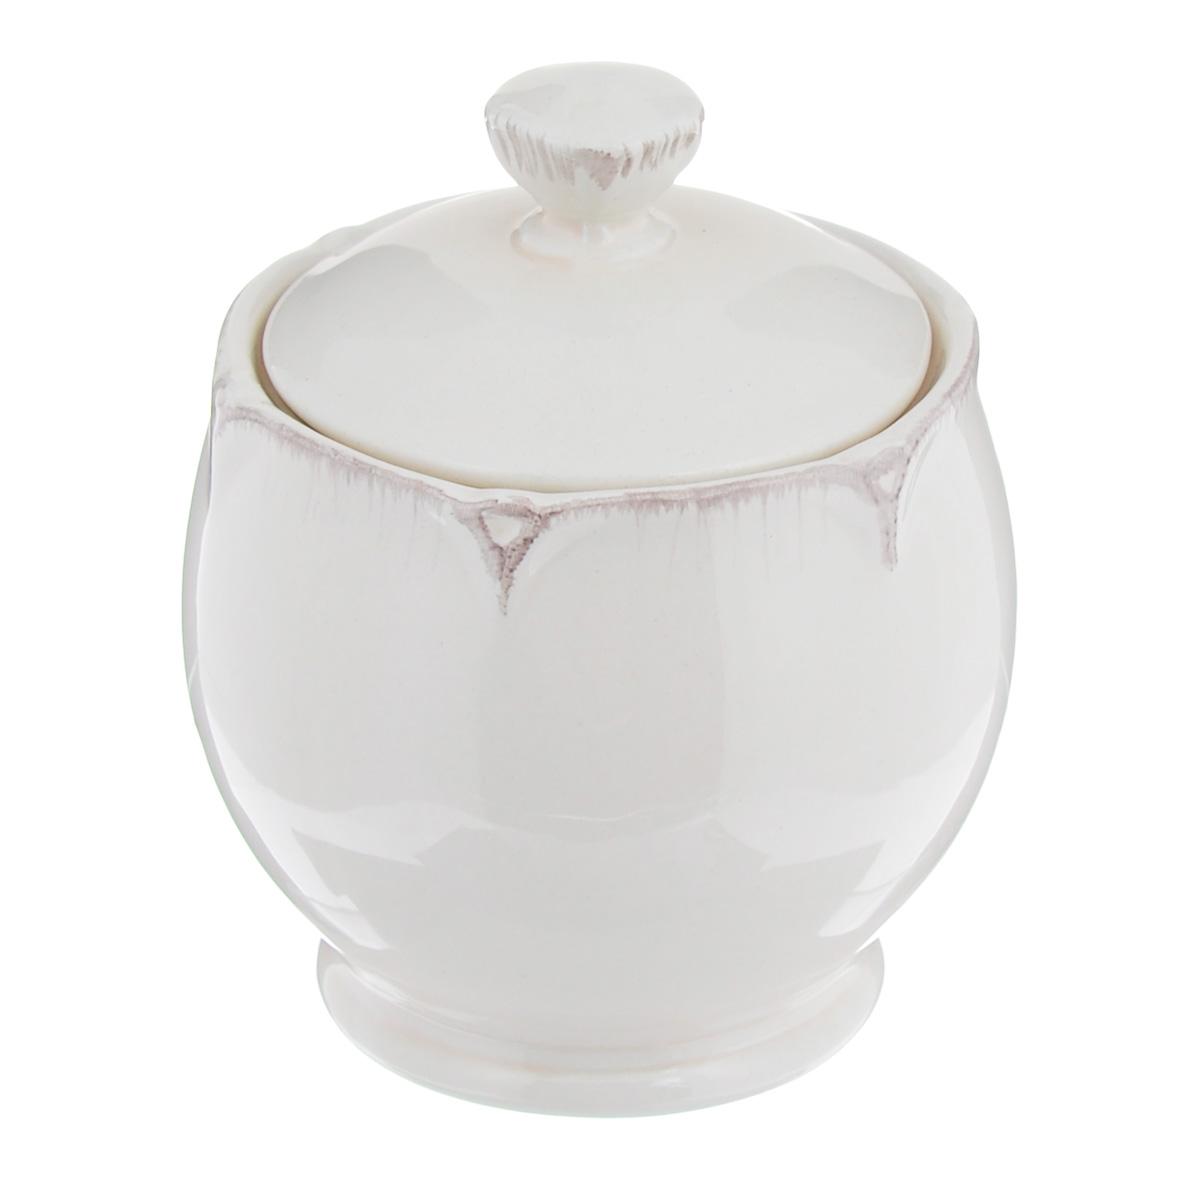 Сахарница Lillo Ideal, 300 млVT-1520(SR)Сахарница с крышкой Lillo Ideal, изготовленная из высококачественной керамики, доставит истинное удовольствие ценителям прекрасного. Сахарница украшена рельефом по краю. Красочность оформления придется по вкусу и ценителям классики, и тем, кто предпочитает утонченность и изысканность.Остерегайтесь сильных ударов. Не применять абразивные чистящие средства. Диаметр сахарницы: 6 см.Высота сахарницы (без учета крышки): 8 см.Объем: 300 мл.